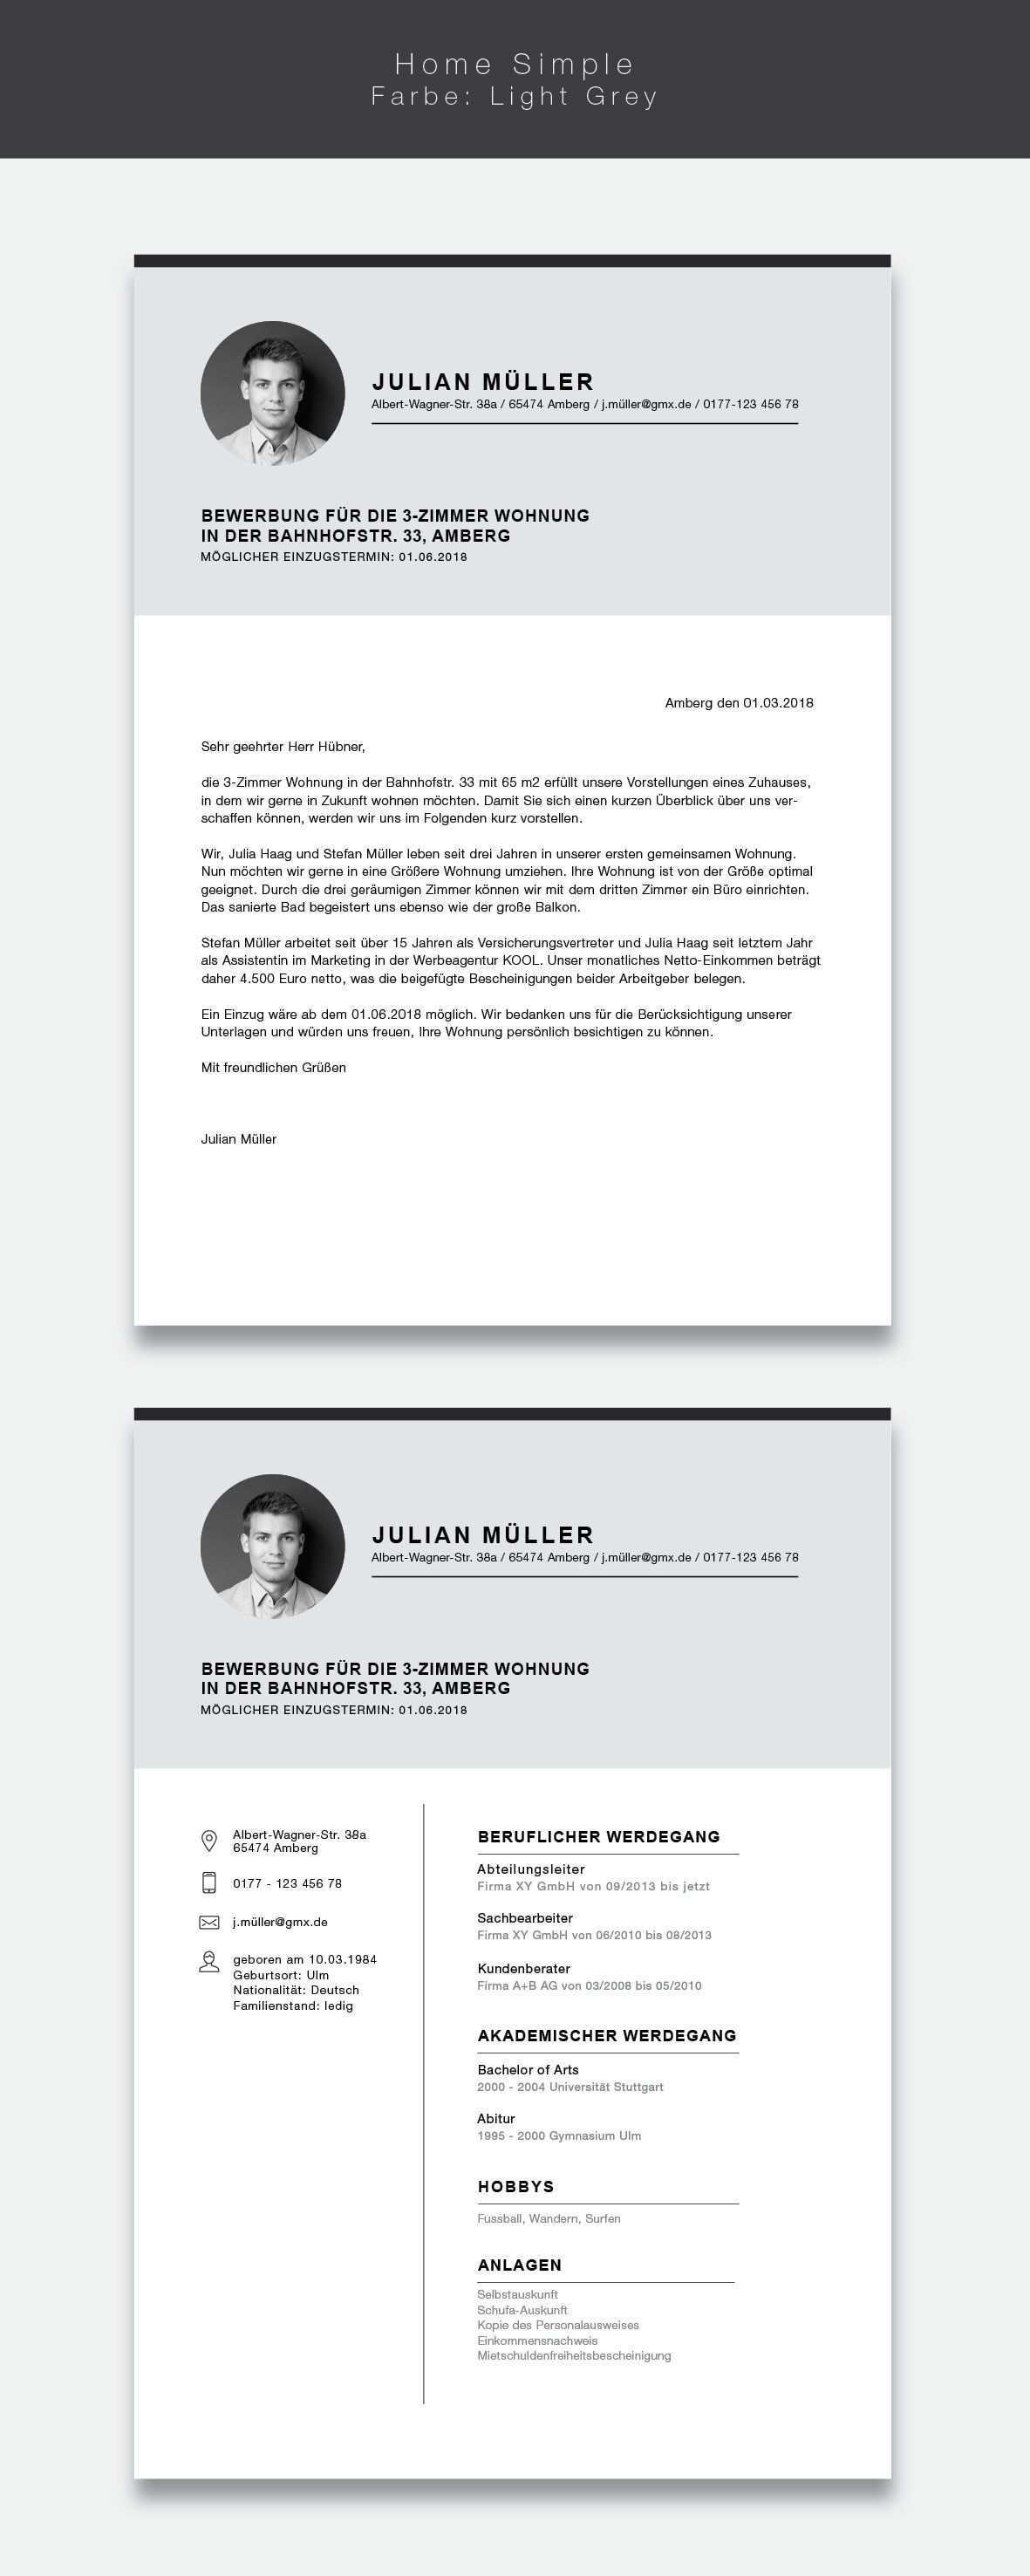 Unsere Neue Wohnungsvorlage Cvtemplate Home Simple In Der Farbe Light Grey Mit Der Vorlage Home Wohnungssuche Berufliche Motivation Kreative Bewerbung